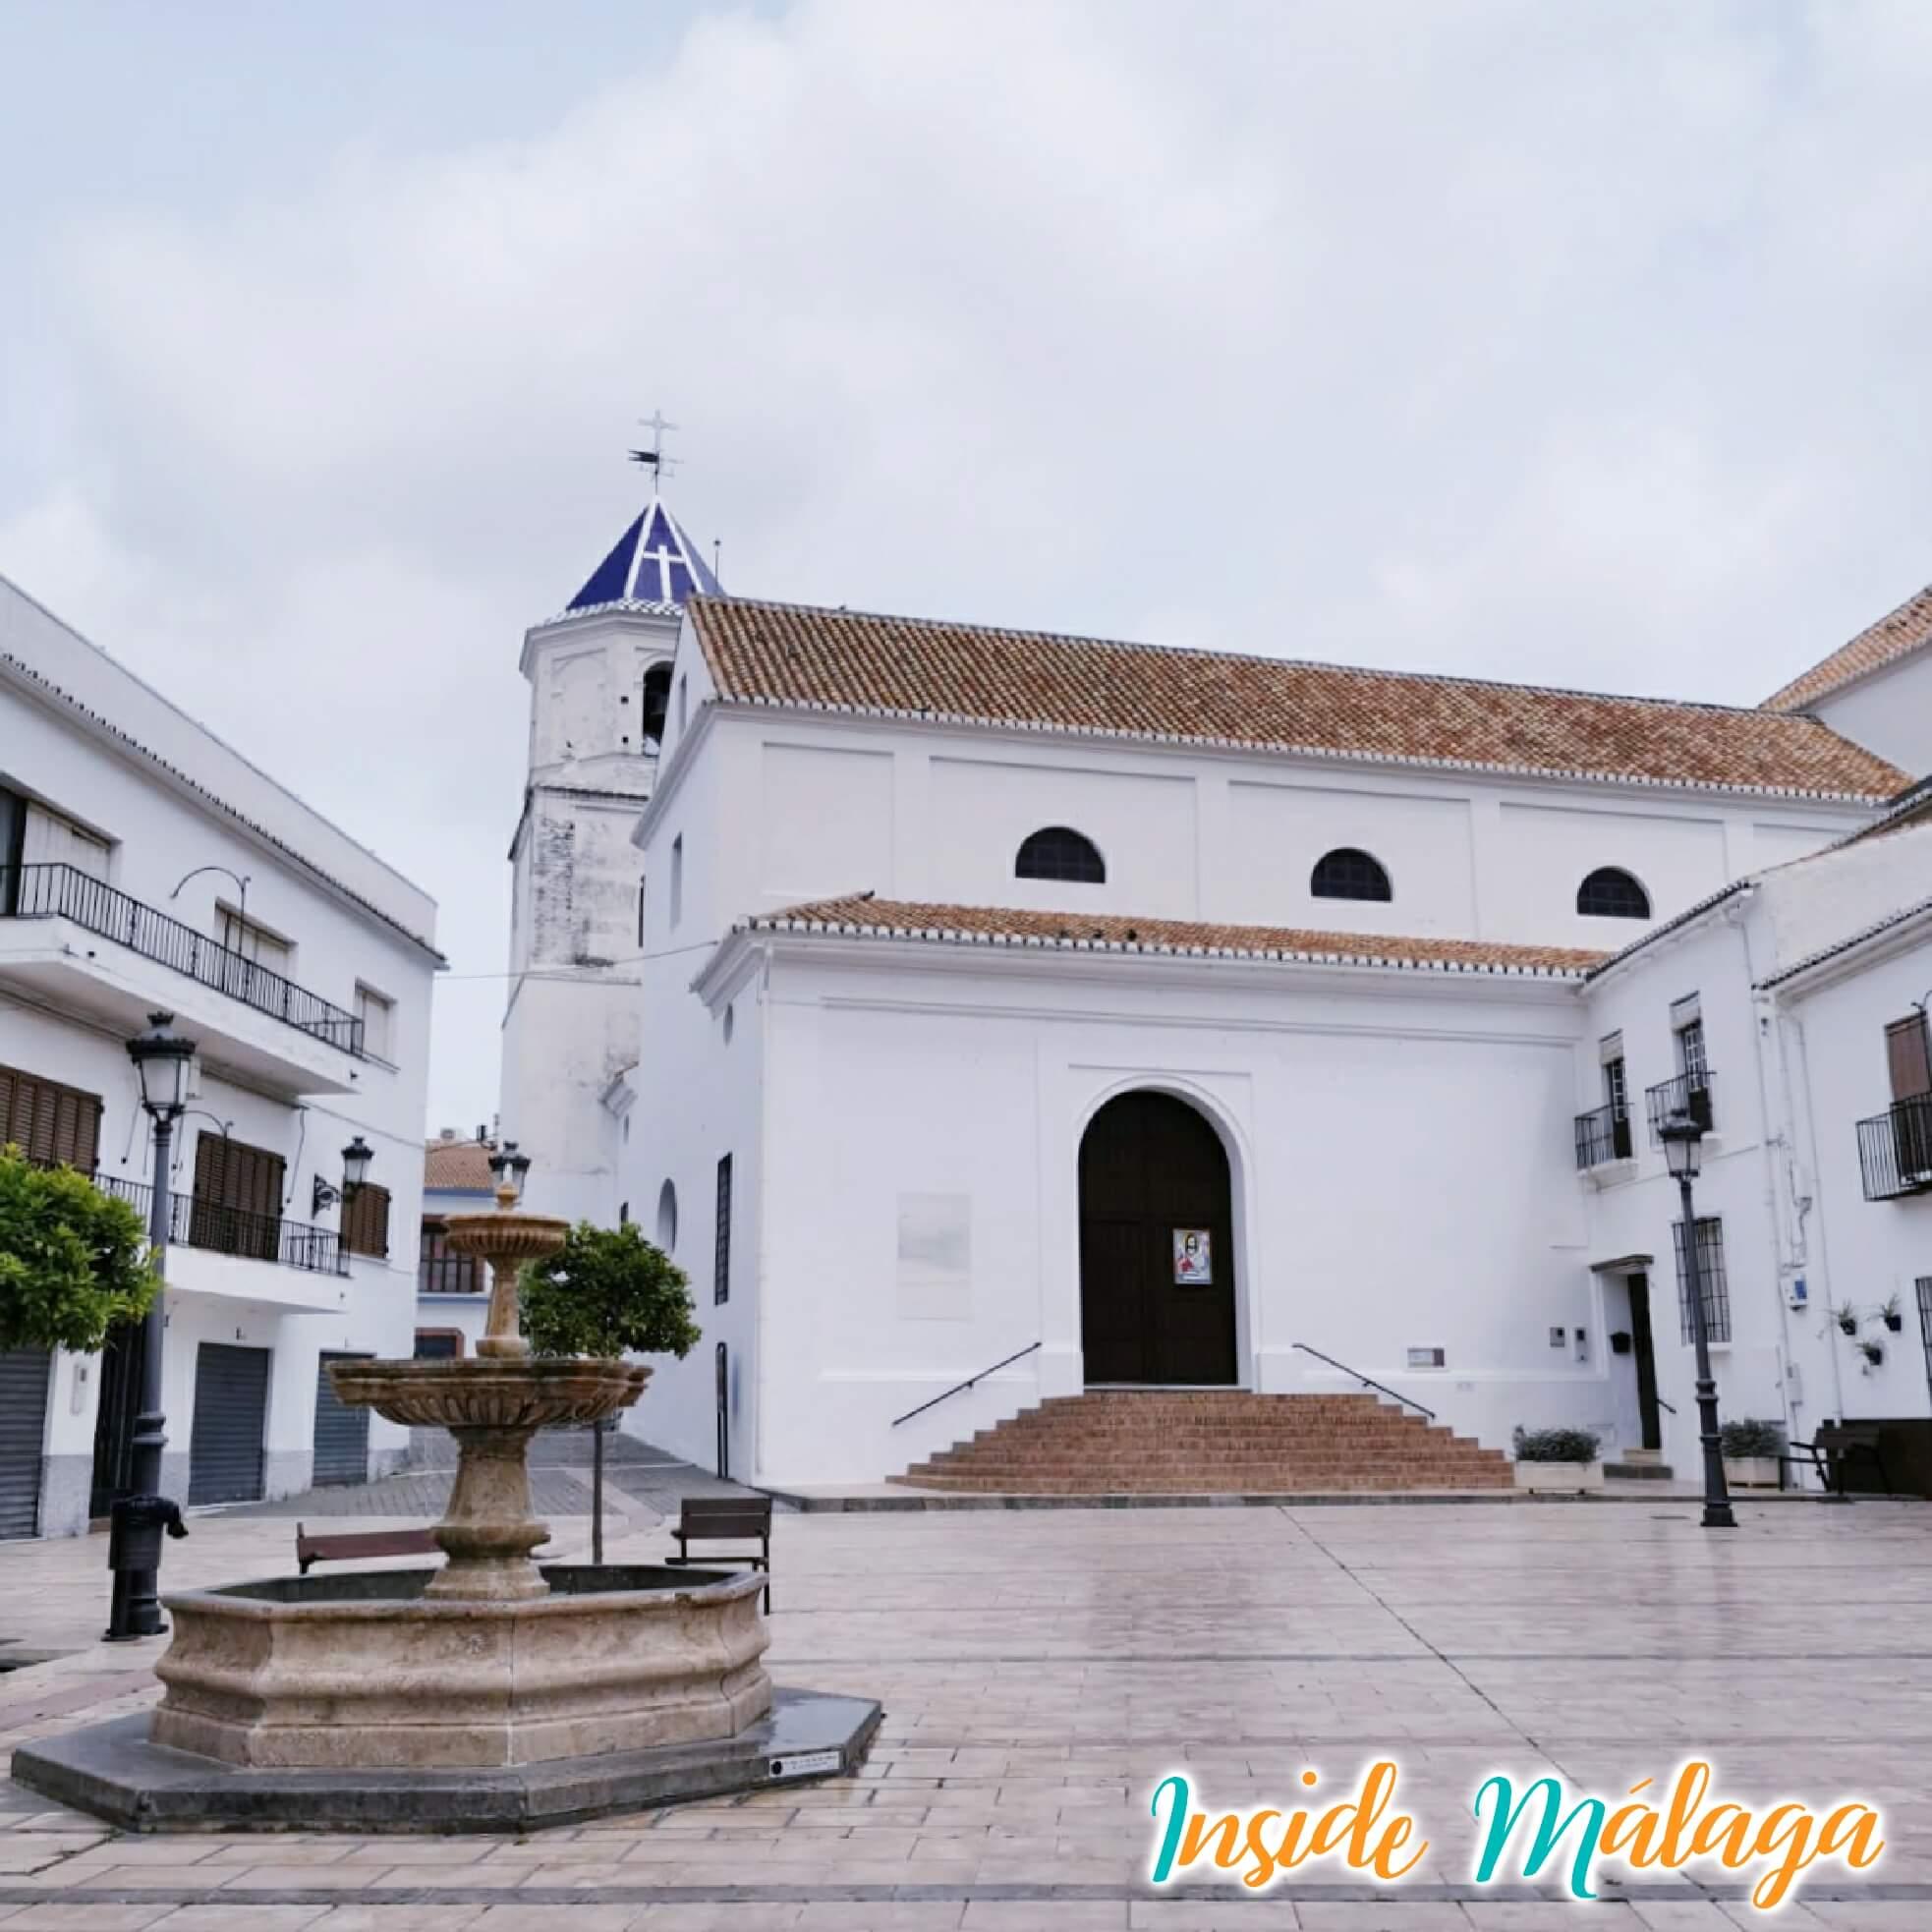 Kerk Nuestra Señora de la Encarnación Alhaurin El Grande Malaga